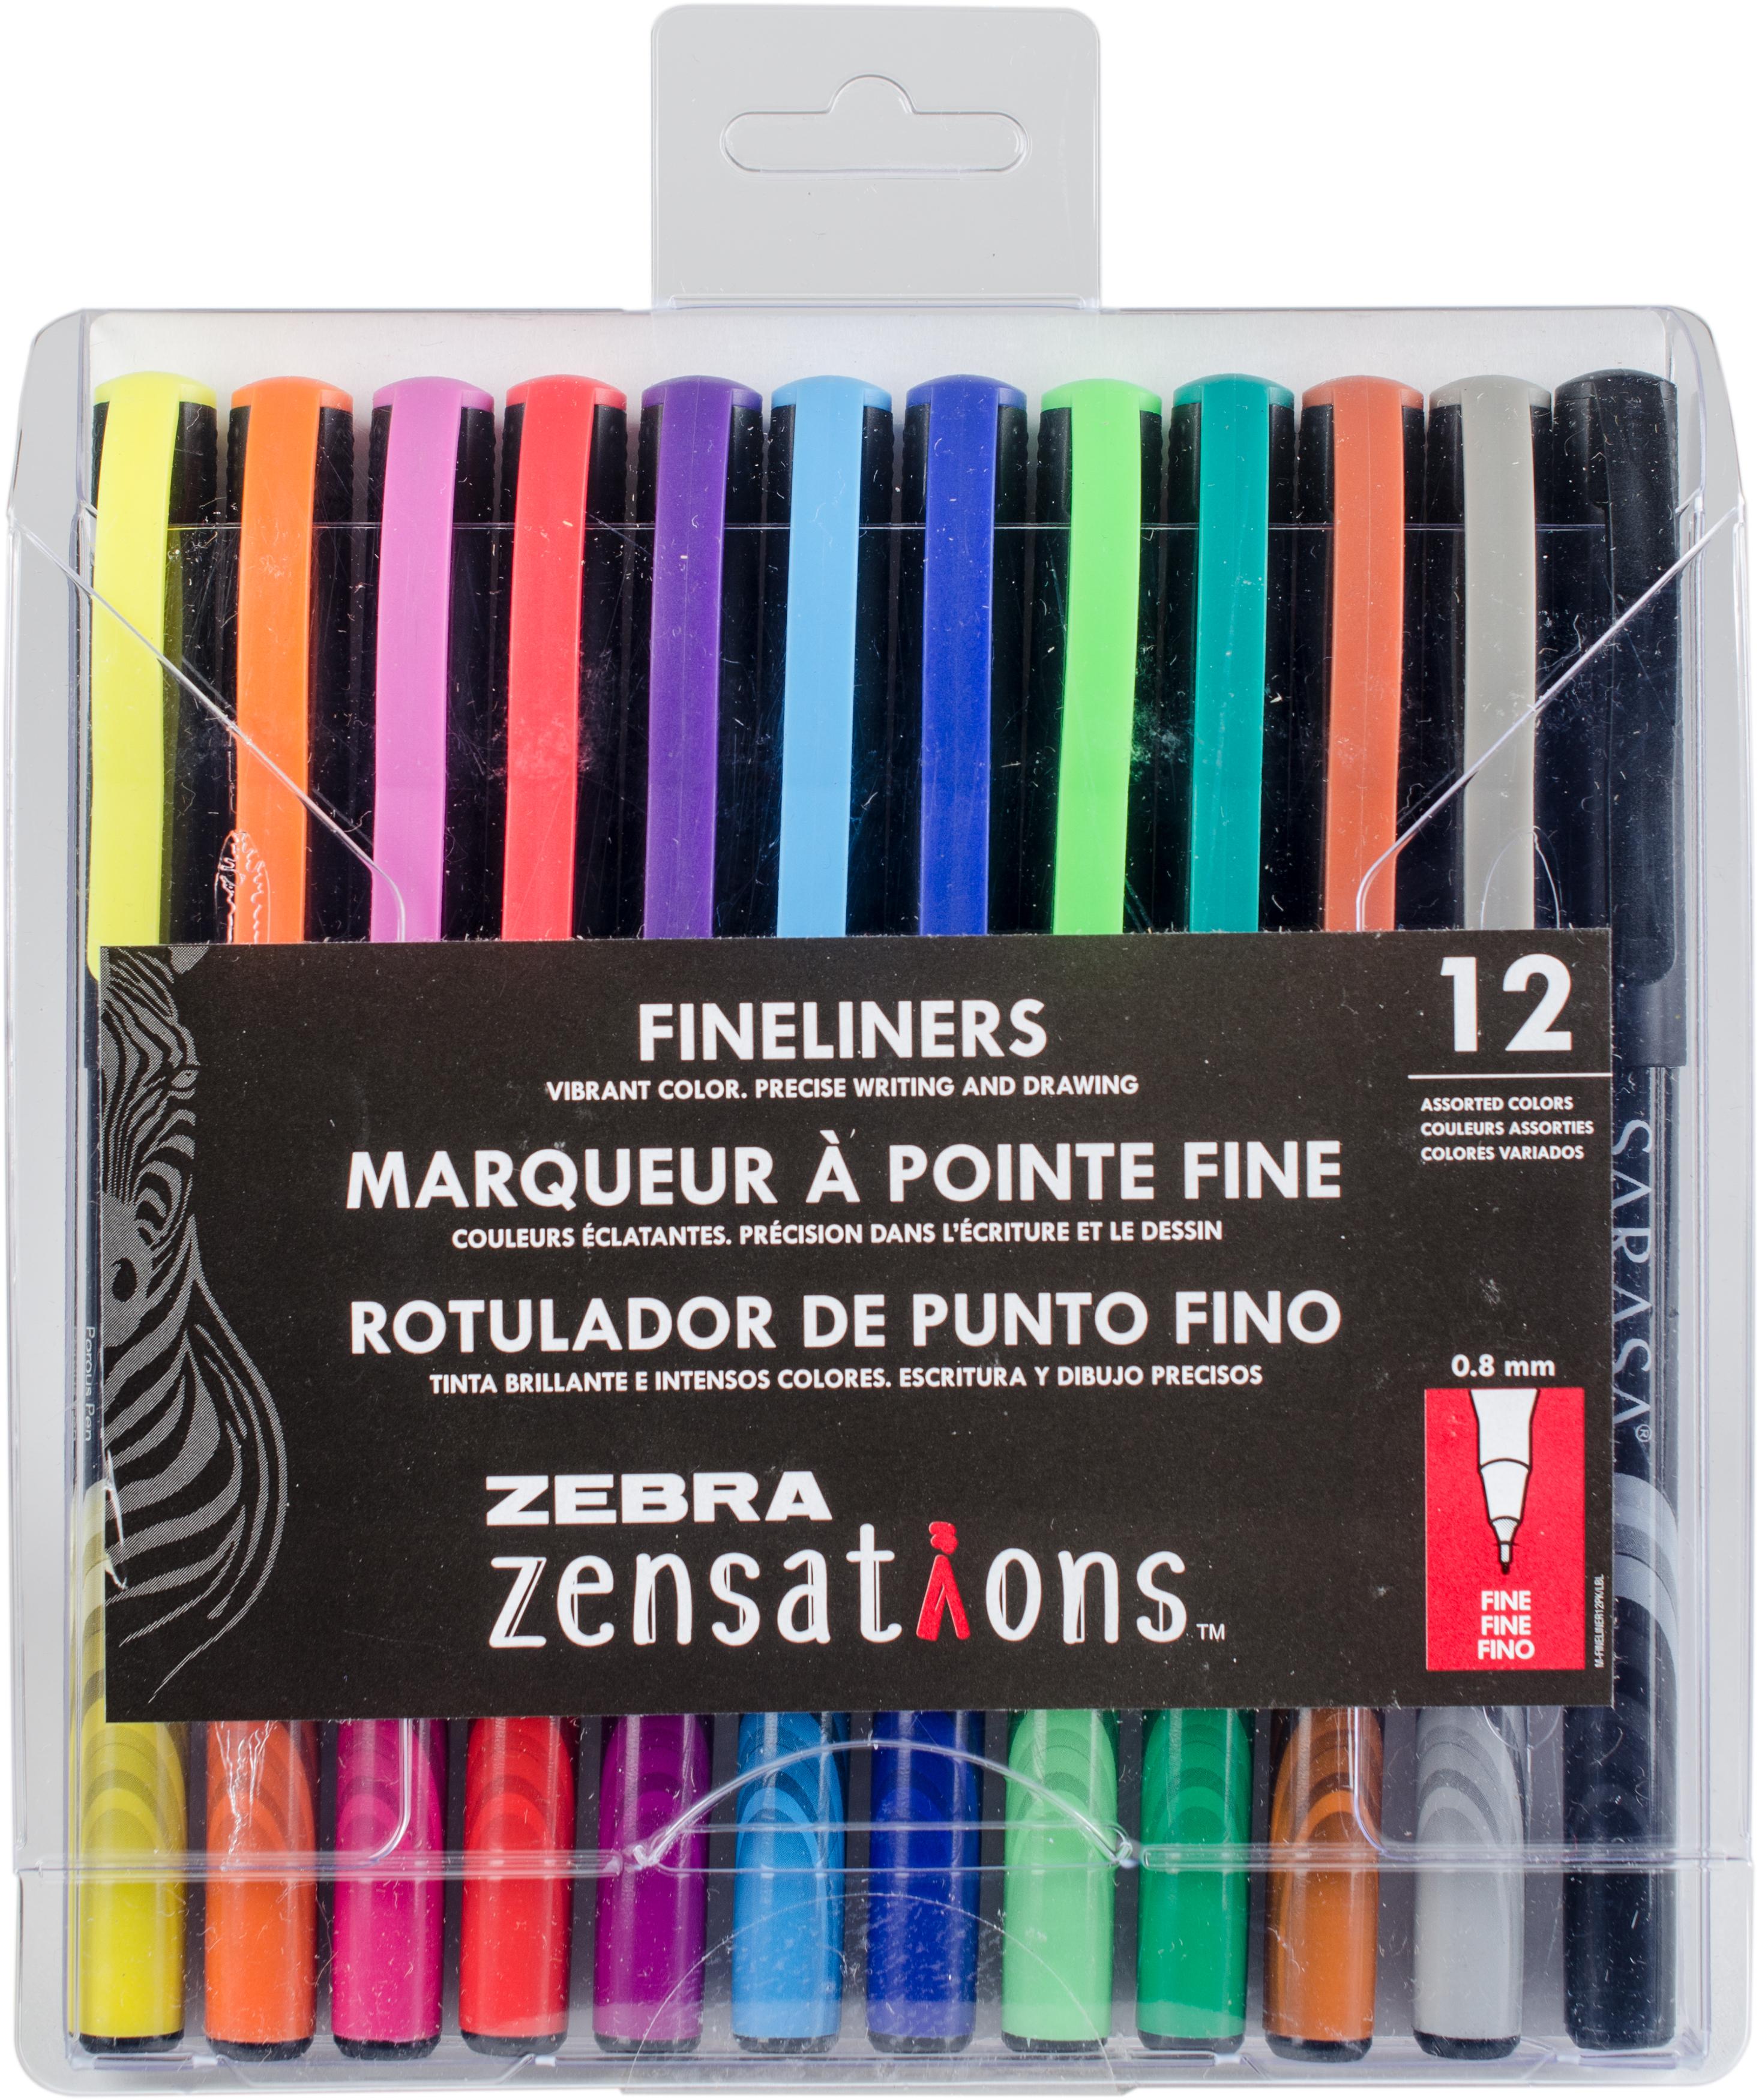 Zebra Zensations Fineliner Pens 12/Pkg 0.8mm-Assorted